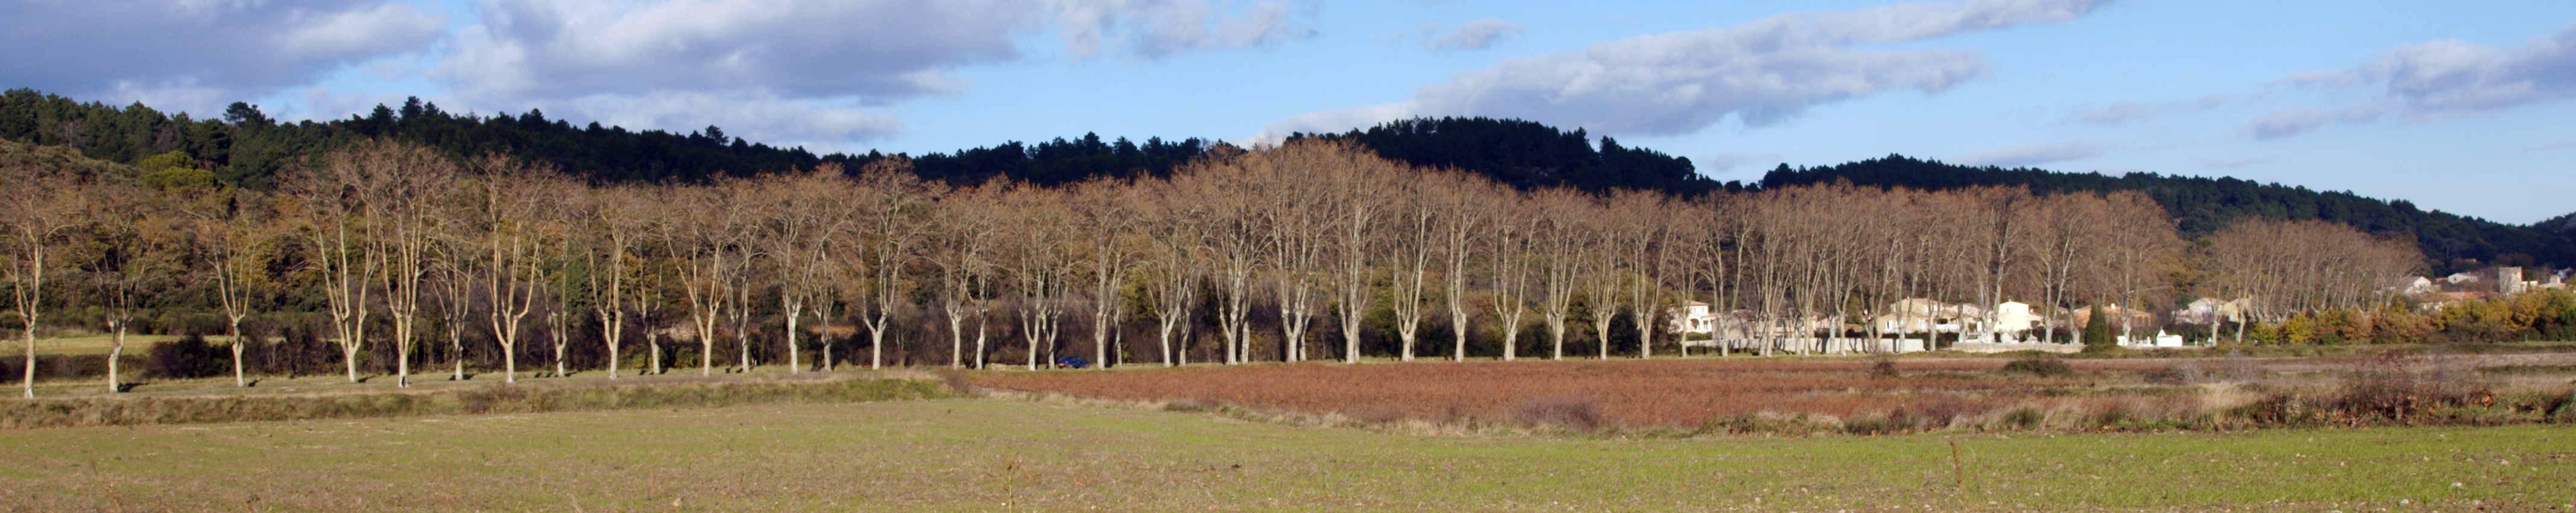 Line of Plane trees near St Hippolyte de Montaigu